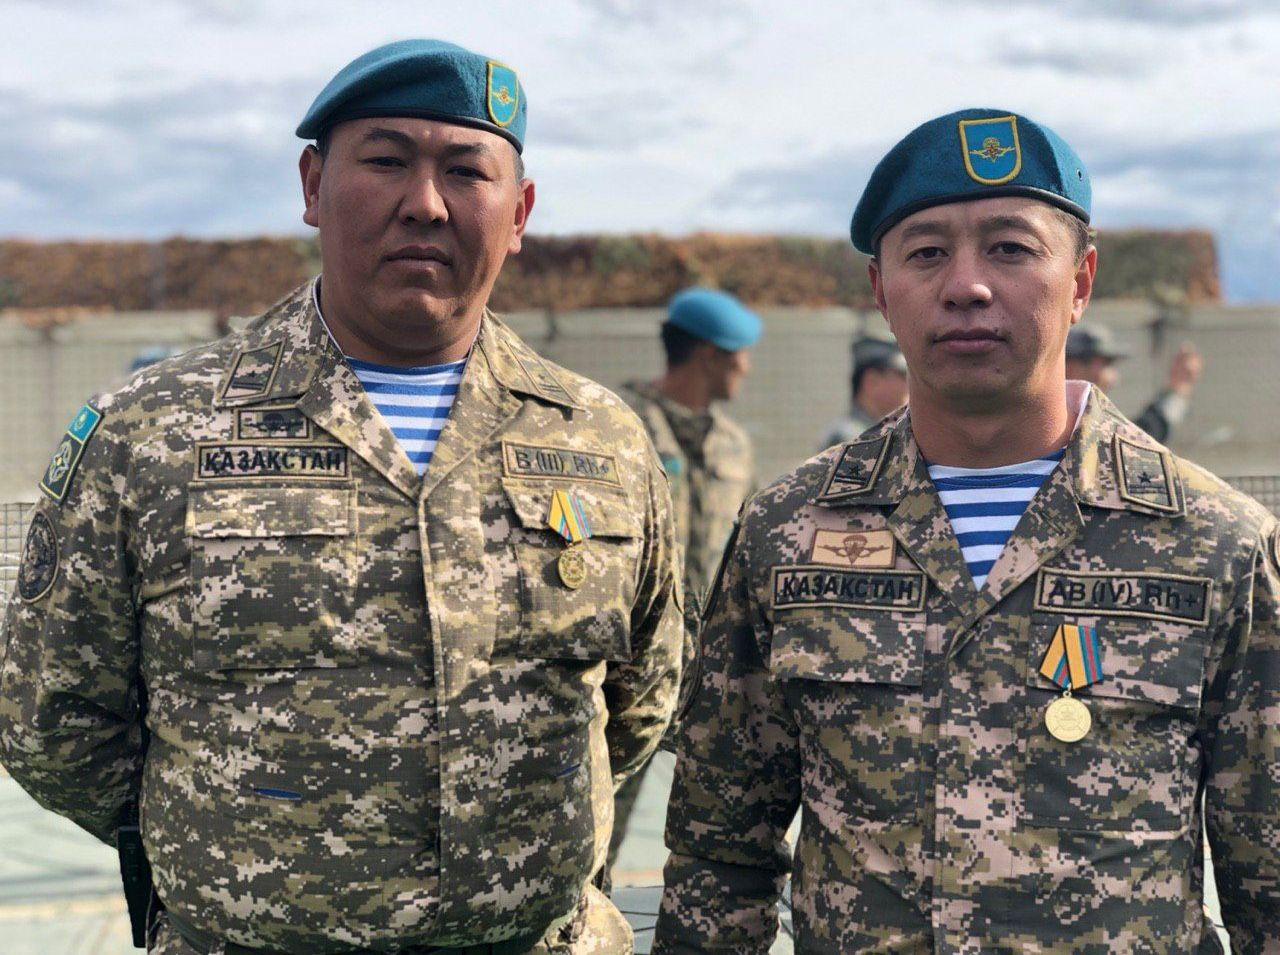 Казахстанские военные Абылай Шильдебаев и Нурзат Турысбек